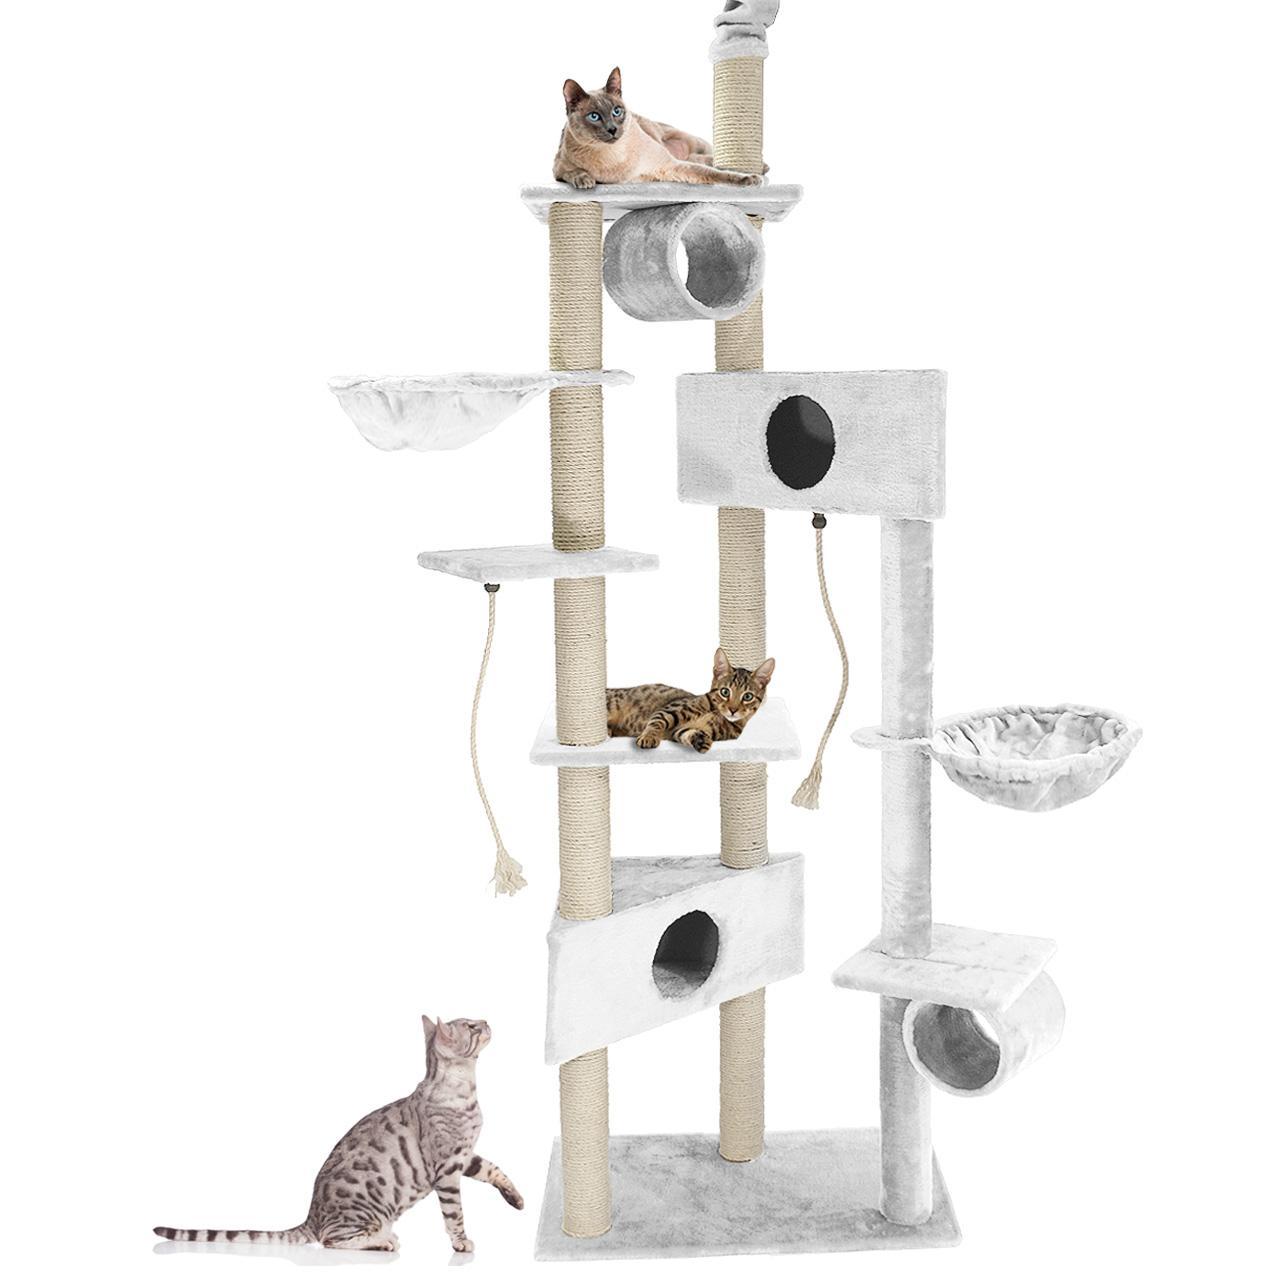 cat012 luxus kratzbaum katzenkratzbaum katzenbaum katzen deckenhoch farbwahl xxl ebay. Black Bedroom Furniture Sets. Home Design Ideas